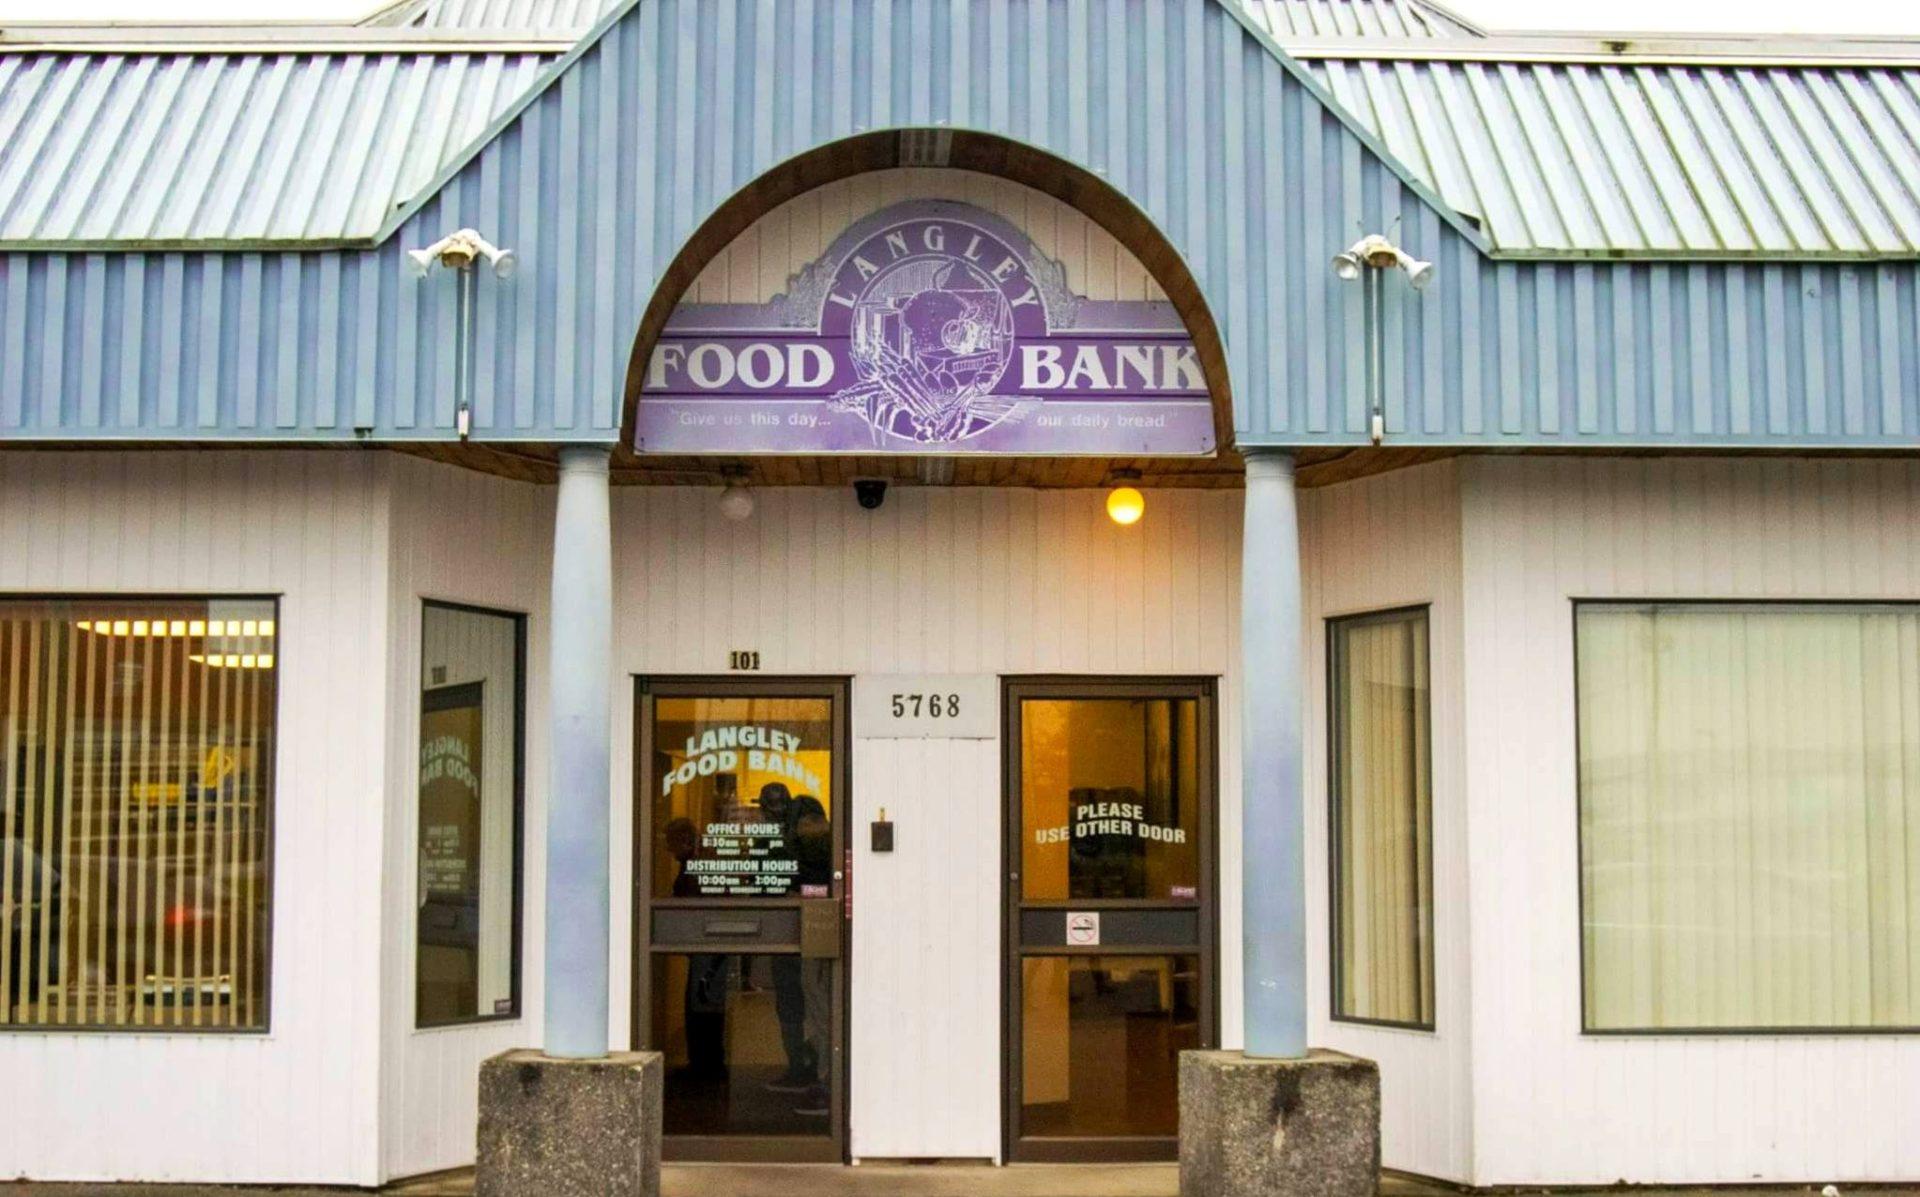 Langley Food Bank